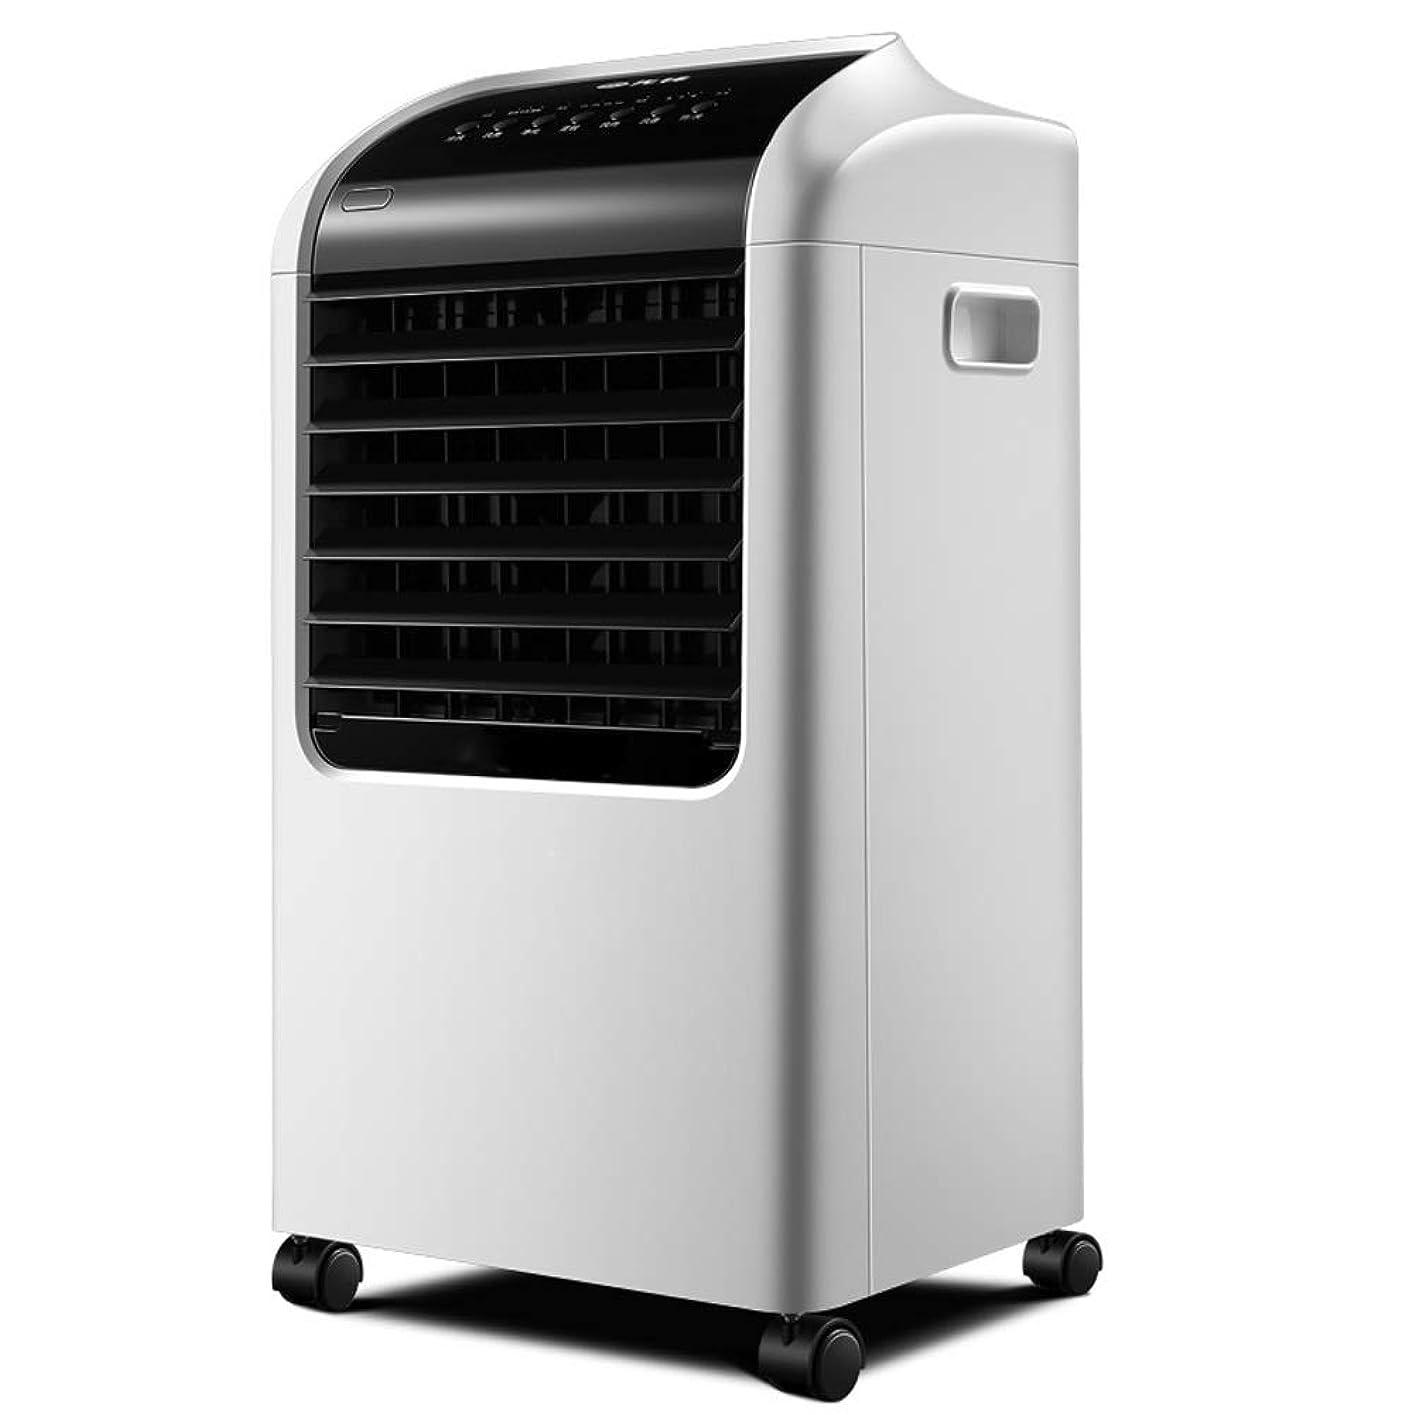 環境に優しい限り医学DZSW 蒸発冷却ファンリモコンエアコンファン冷蔵庫寮小型エアクーラーミニサイレント水冷ファン